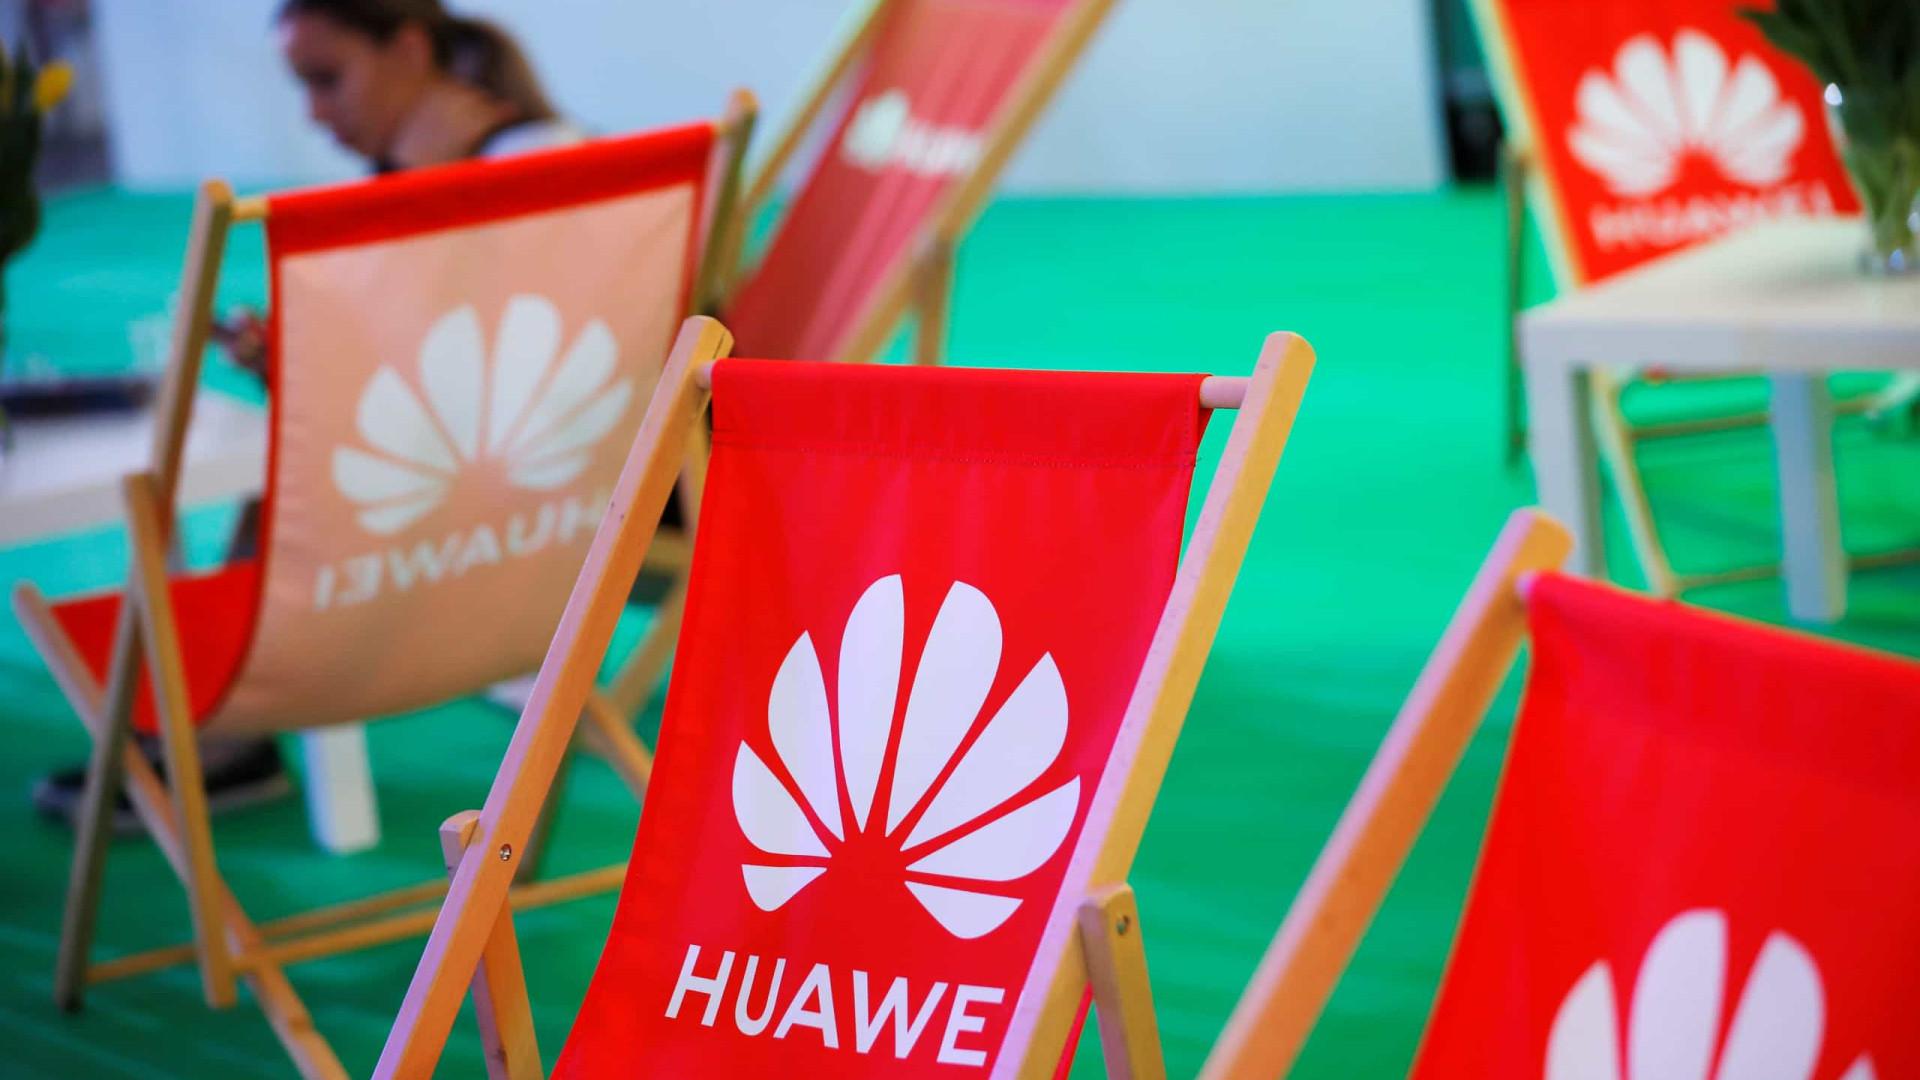 EUA aumenta restrições à empresa Huawei